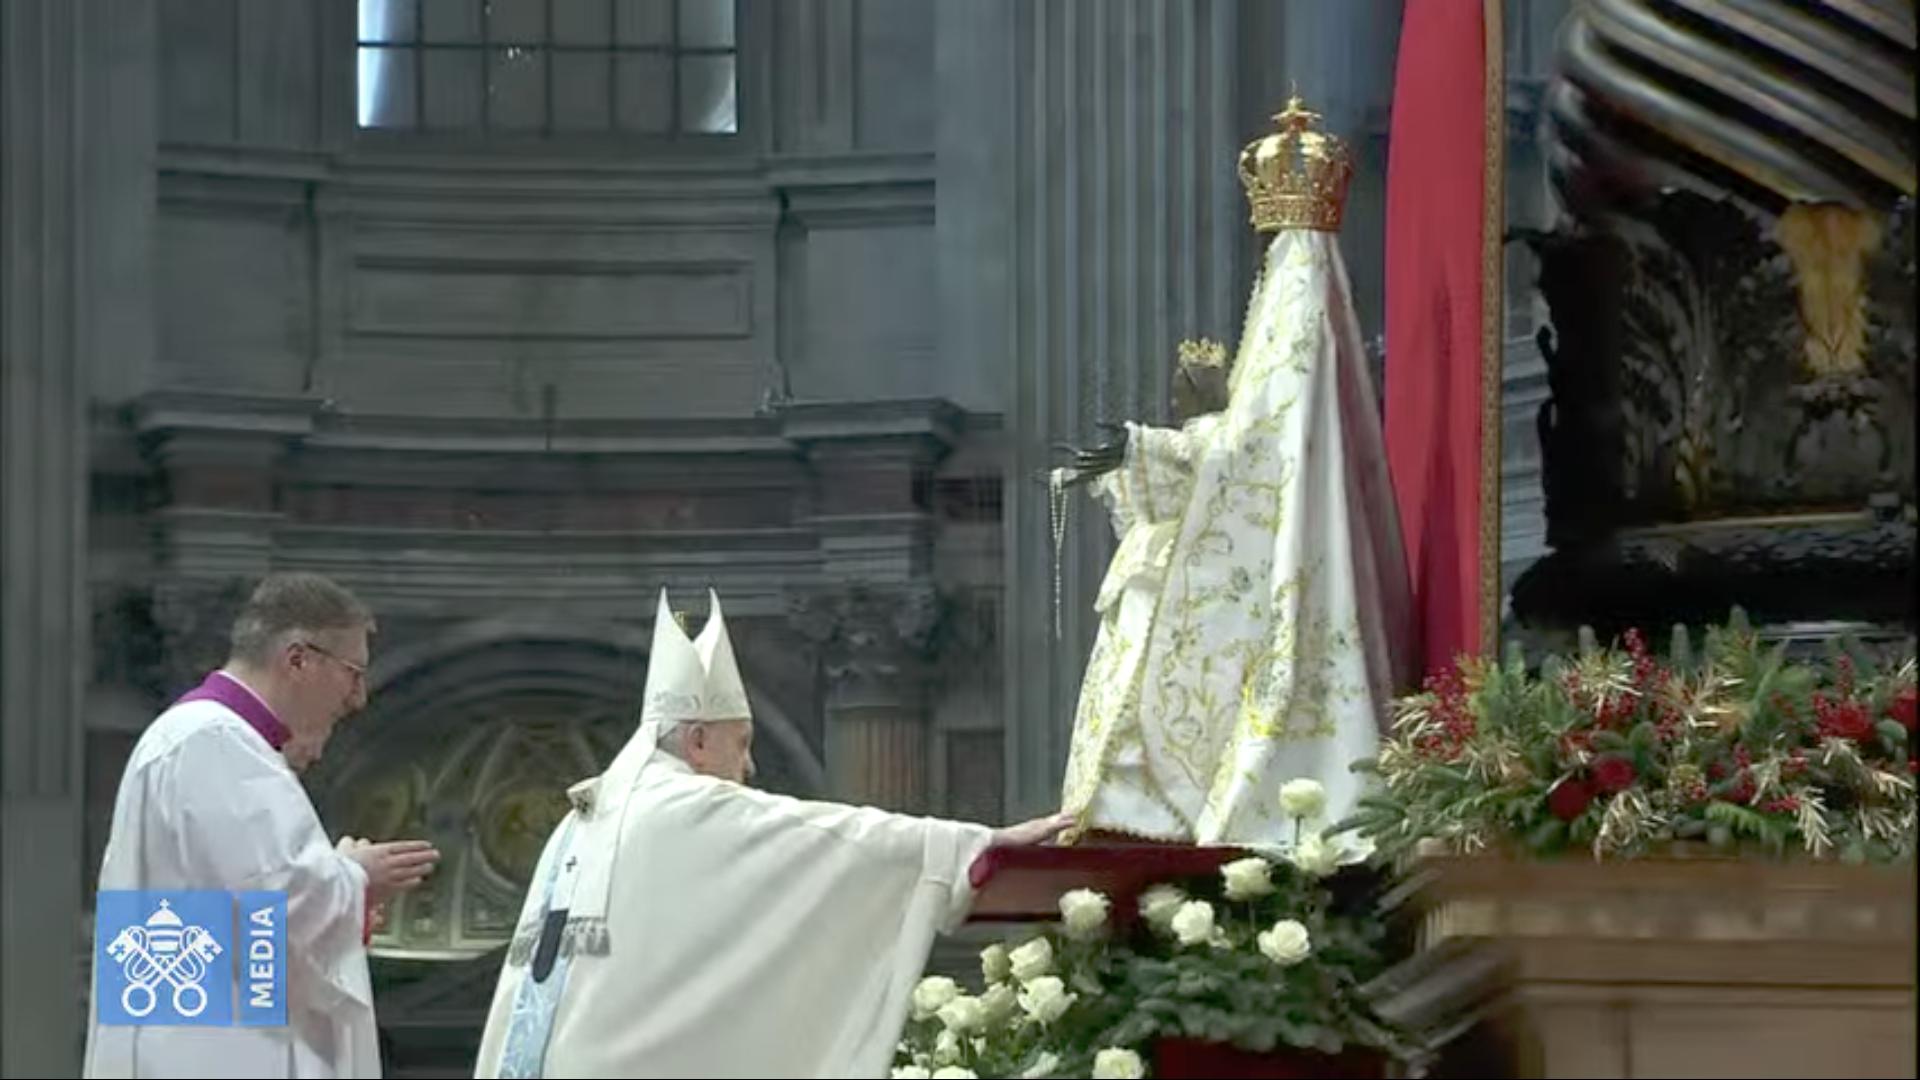 Madonna Incoronata de Foggia, Marie, Mère de Dieu, capture @ Vatican Media